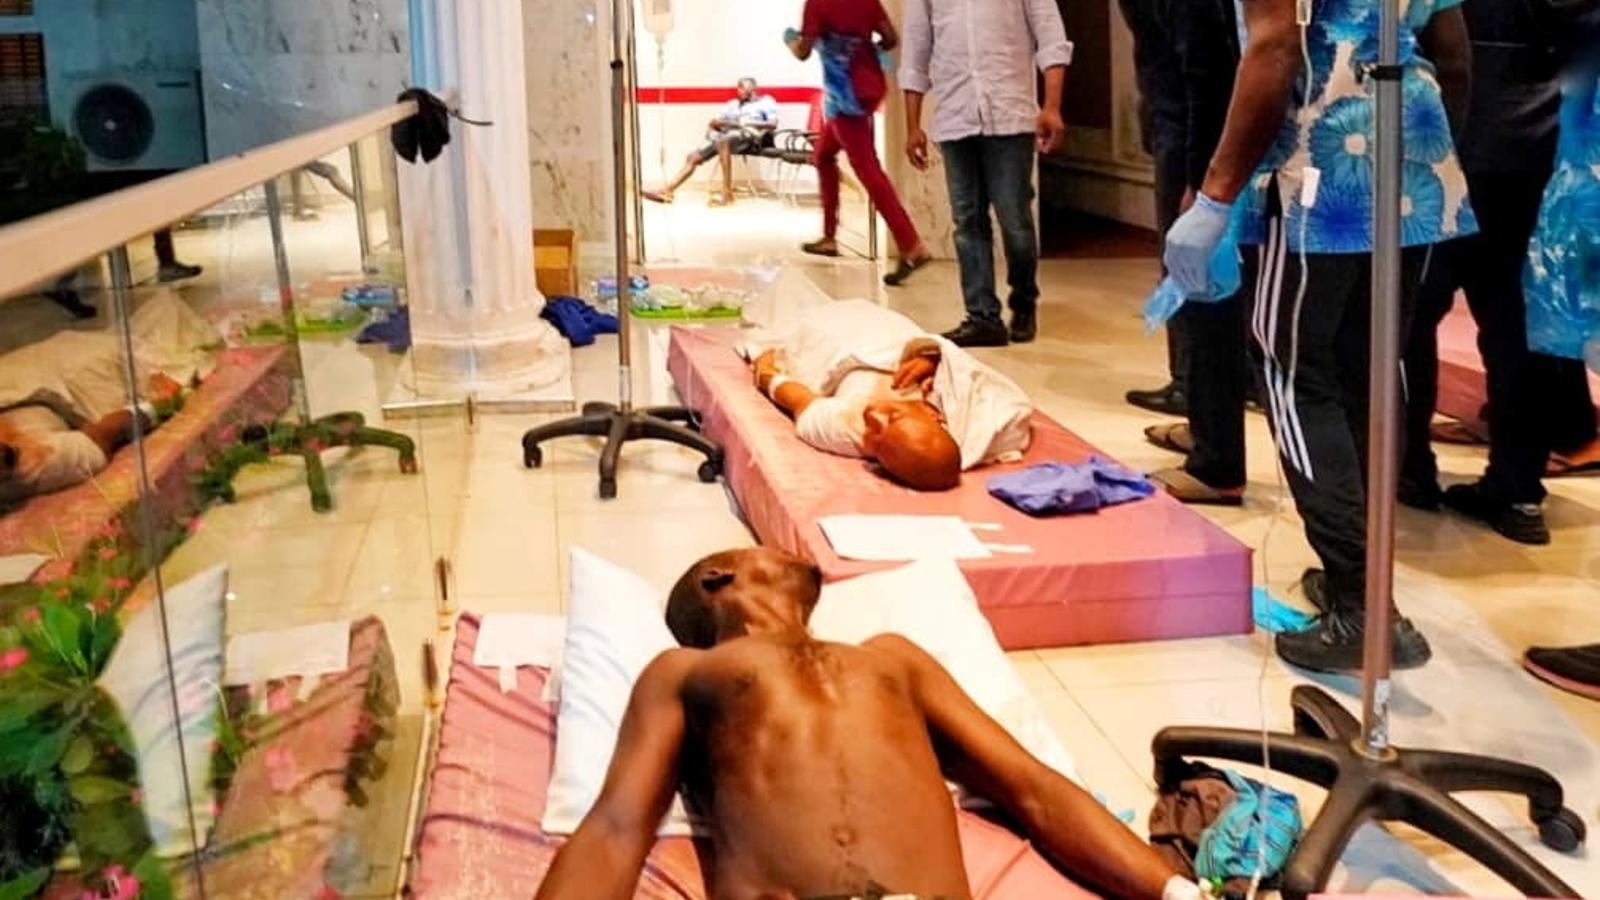 Babajide Sanwo-Olu, governador de l'estat de Lagos, a Nigèria, visita aquest matí de dimecres alguns dels ferits en el titorteig d'ahir a la nit a la ciutat